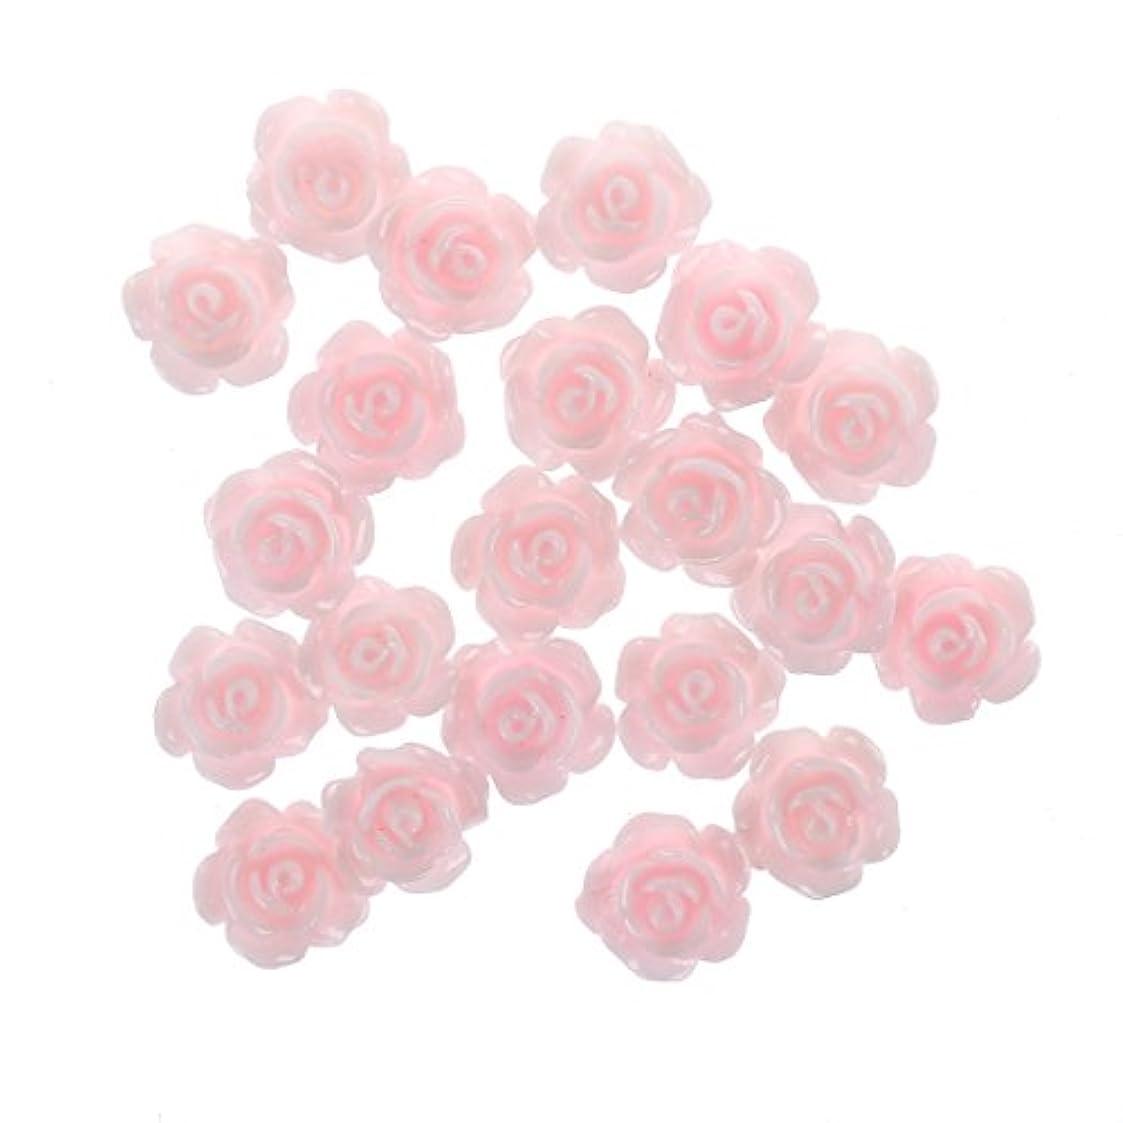 ガジュマル折り目相関するGaoominy 20x3Dピンクの小さいバラ ラインストーン付きネイルアート装飾